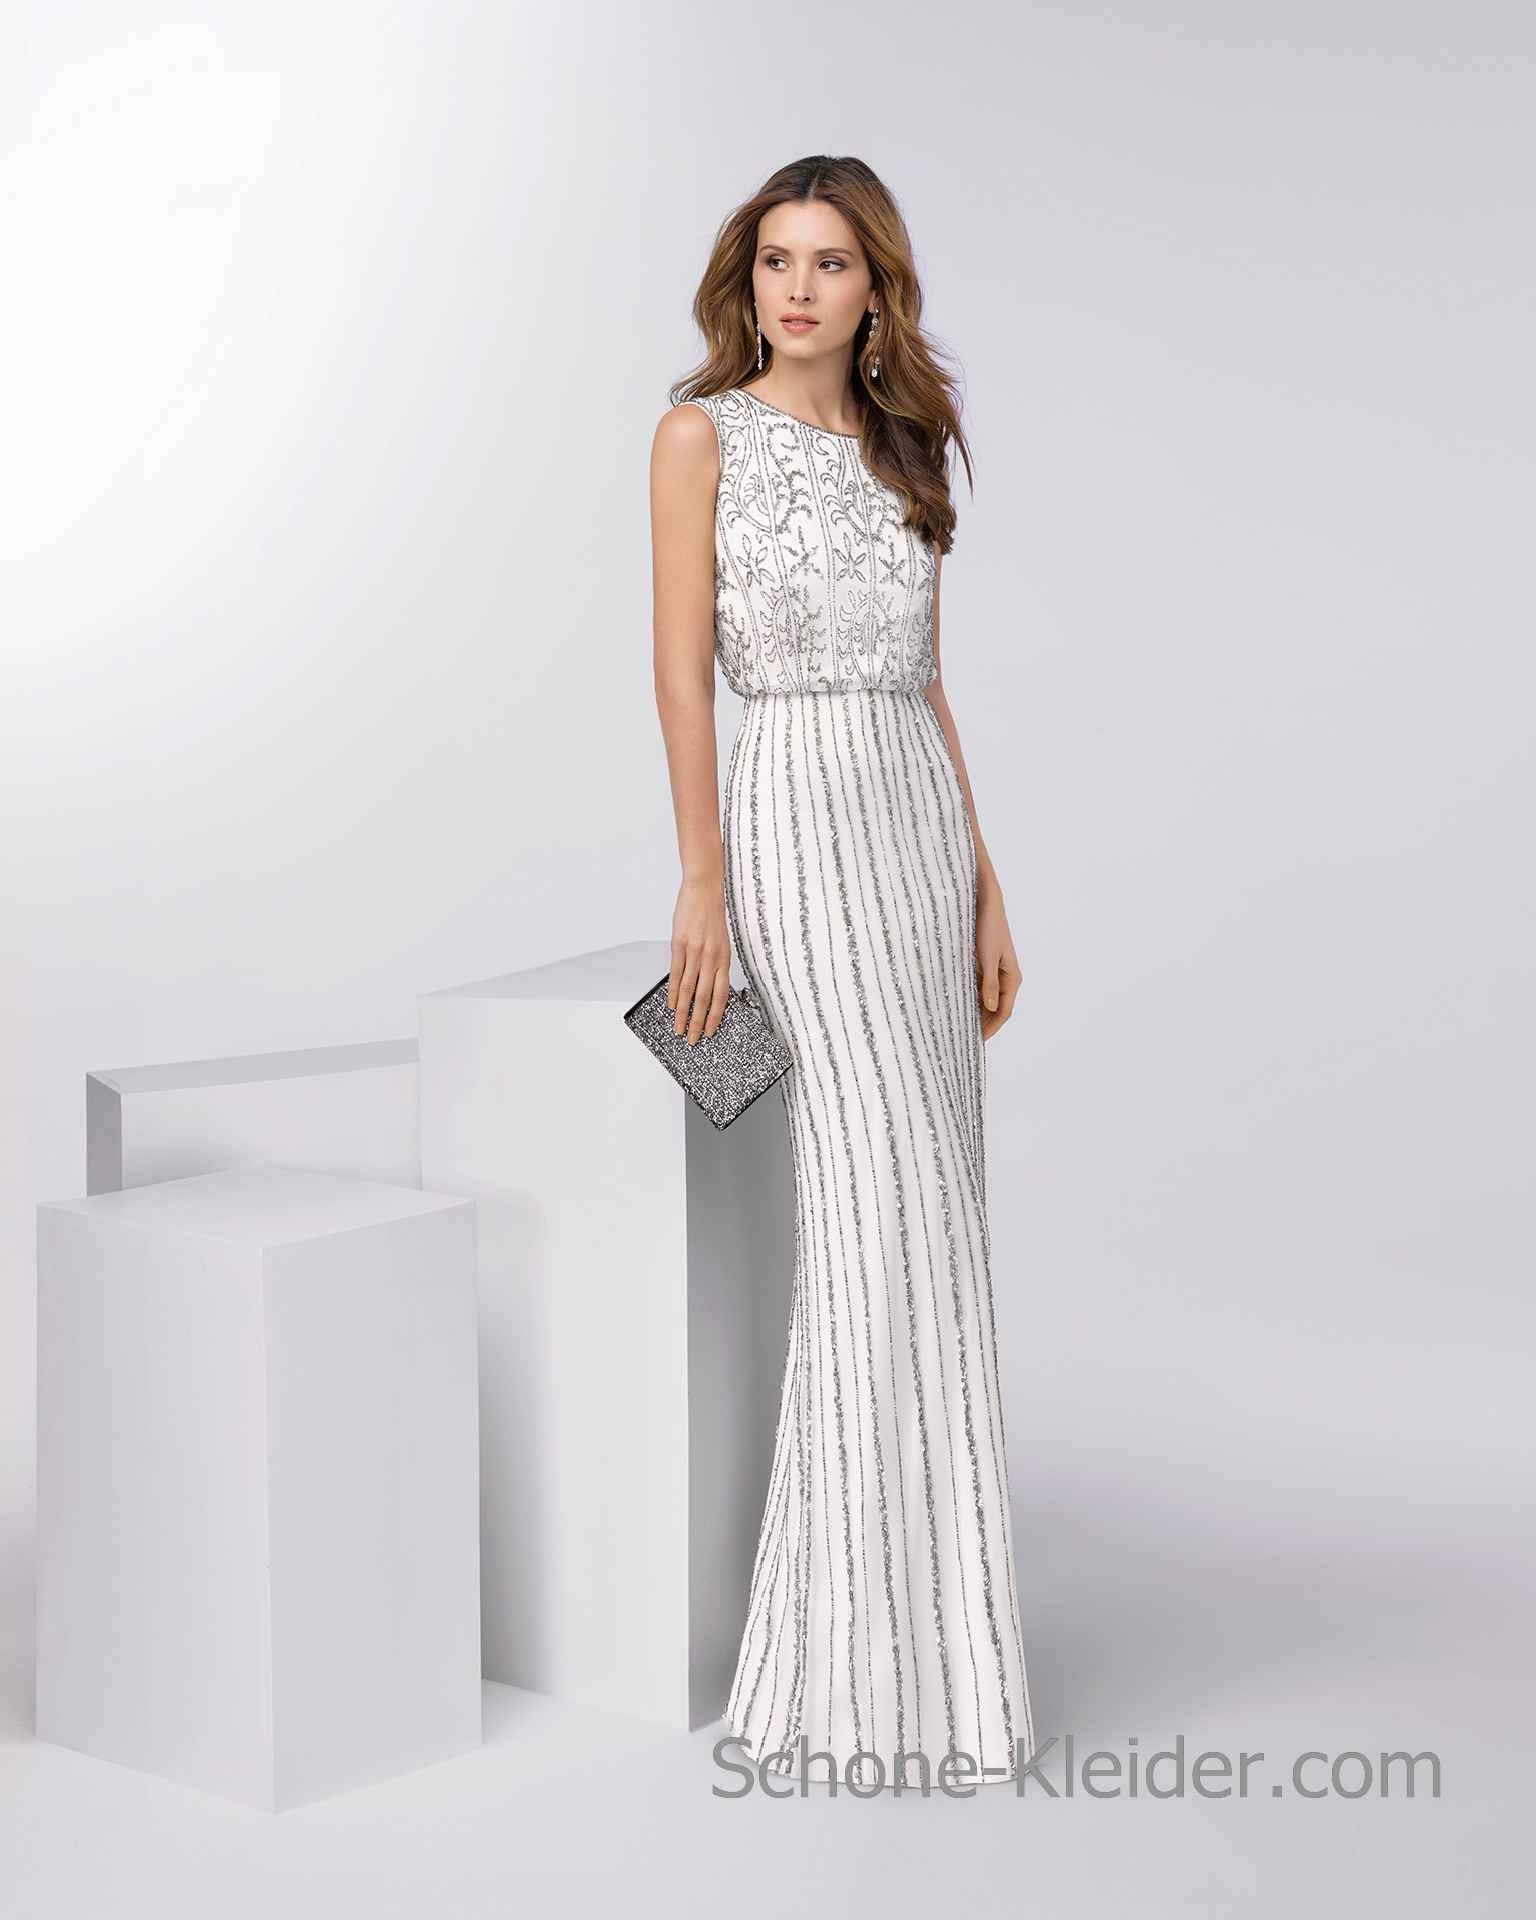 17 Leicht Elegante Weiße Kleider Galerie - Abendkleid